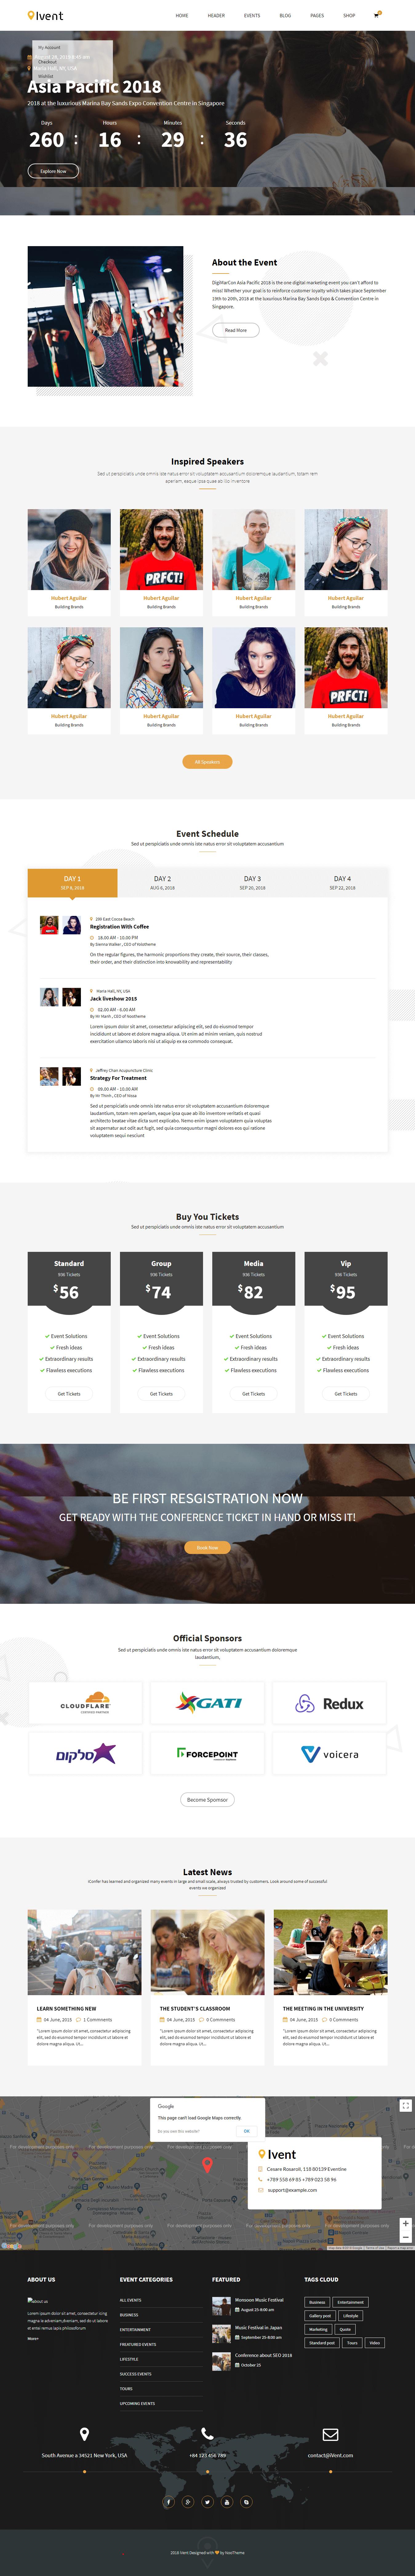 iVent - Mejor tema de WordPress para eventos premium